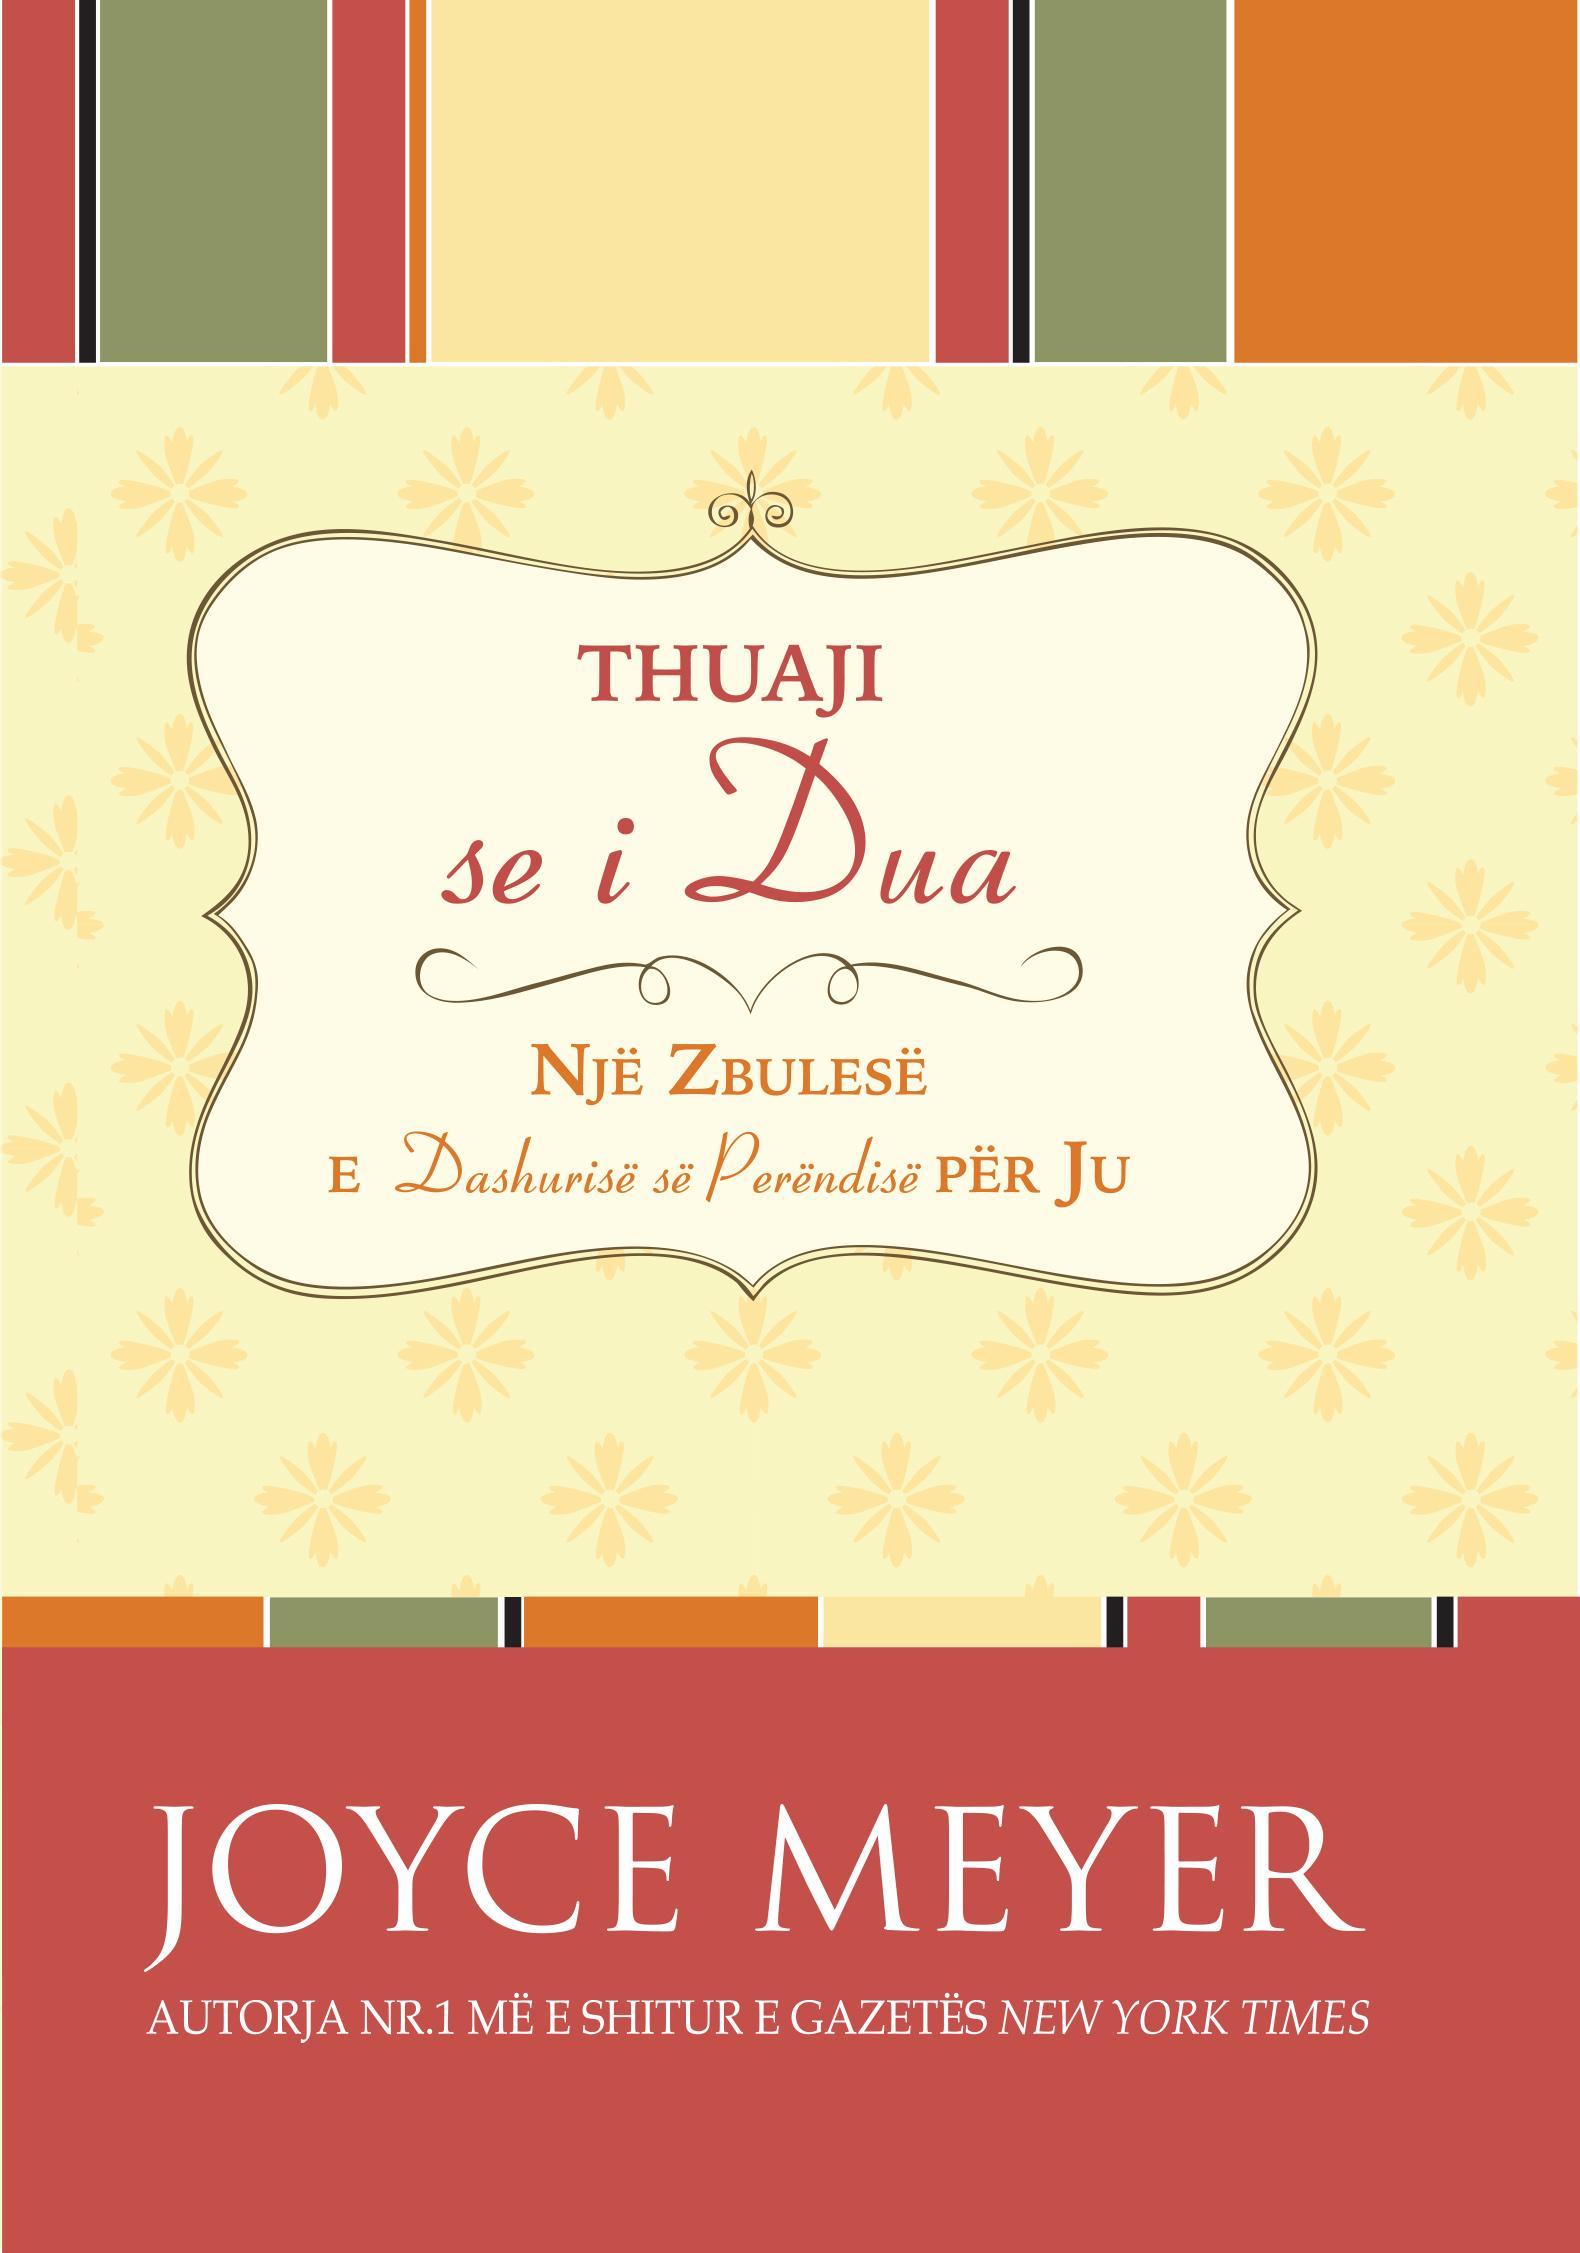 Thuaji se i dua – Joyce Meyer